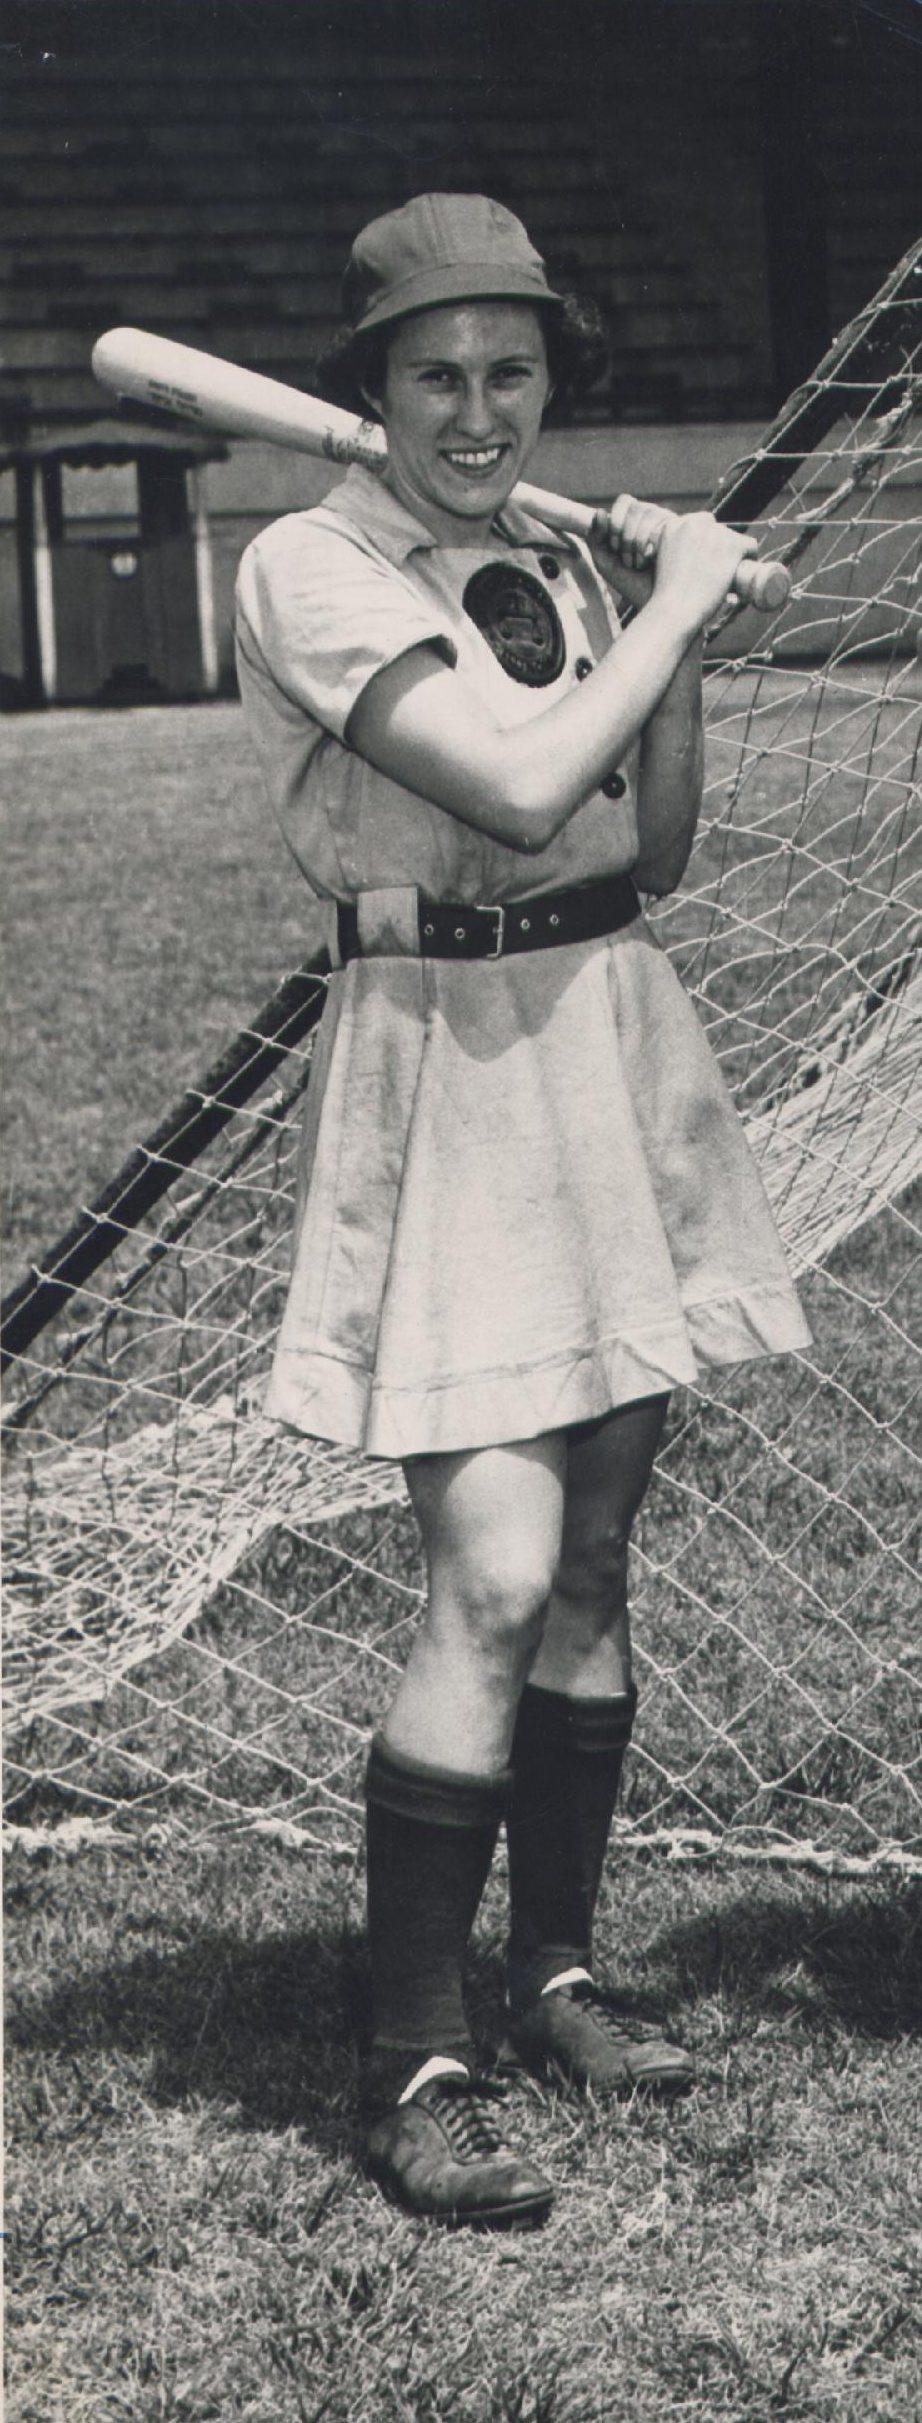 Dottie Kamenshek